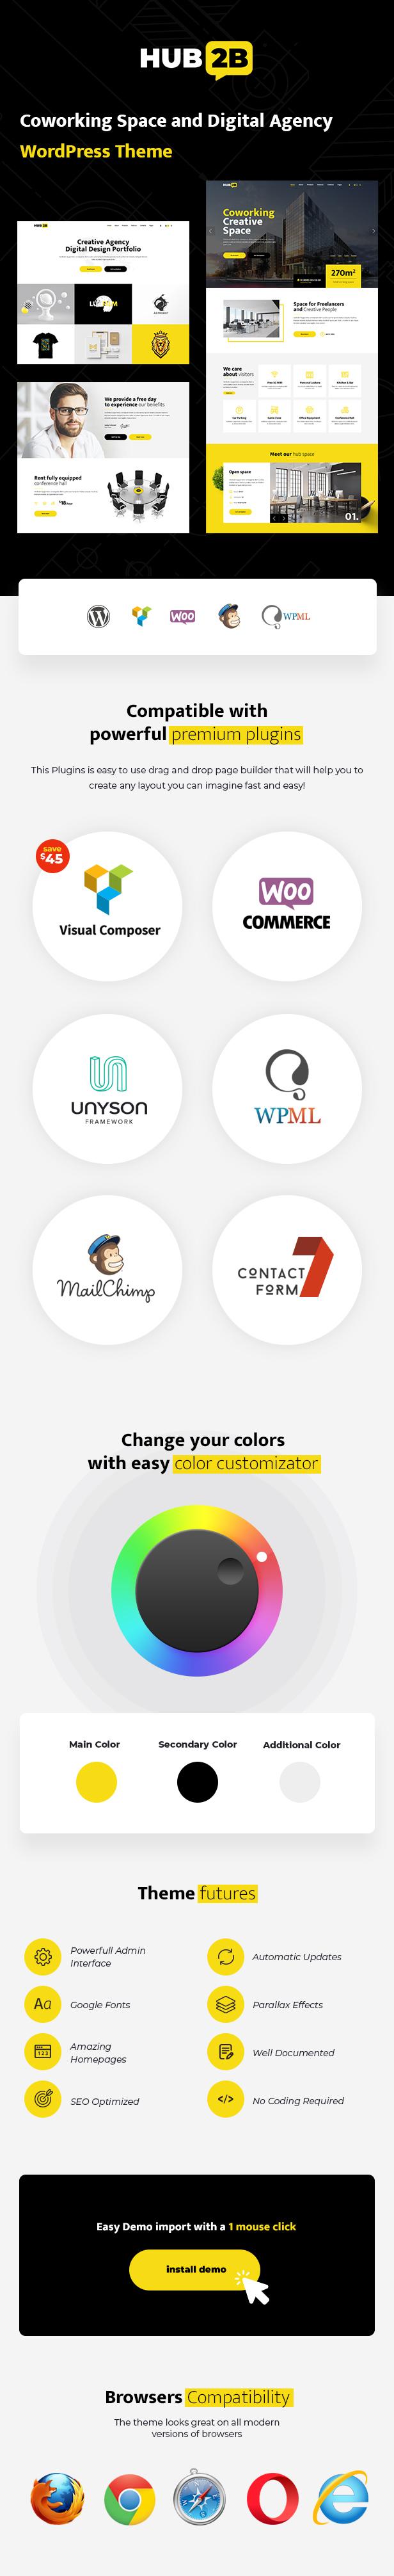 Co-working space wordpress theme